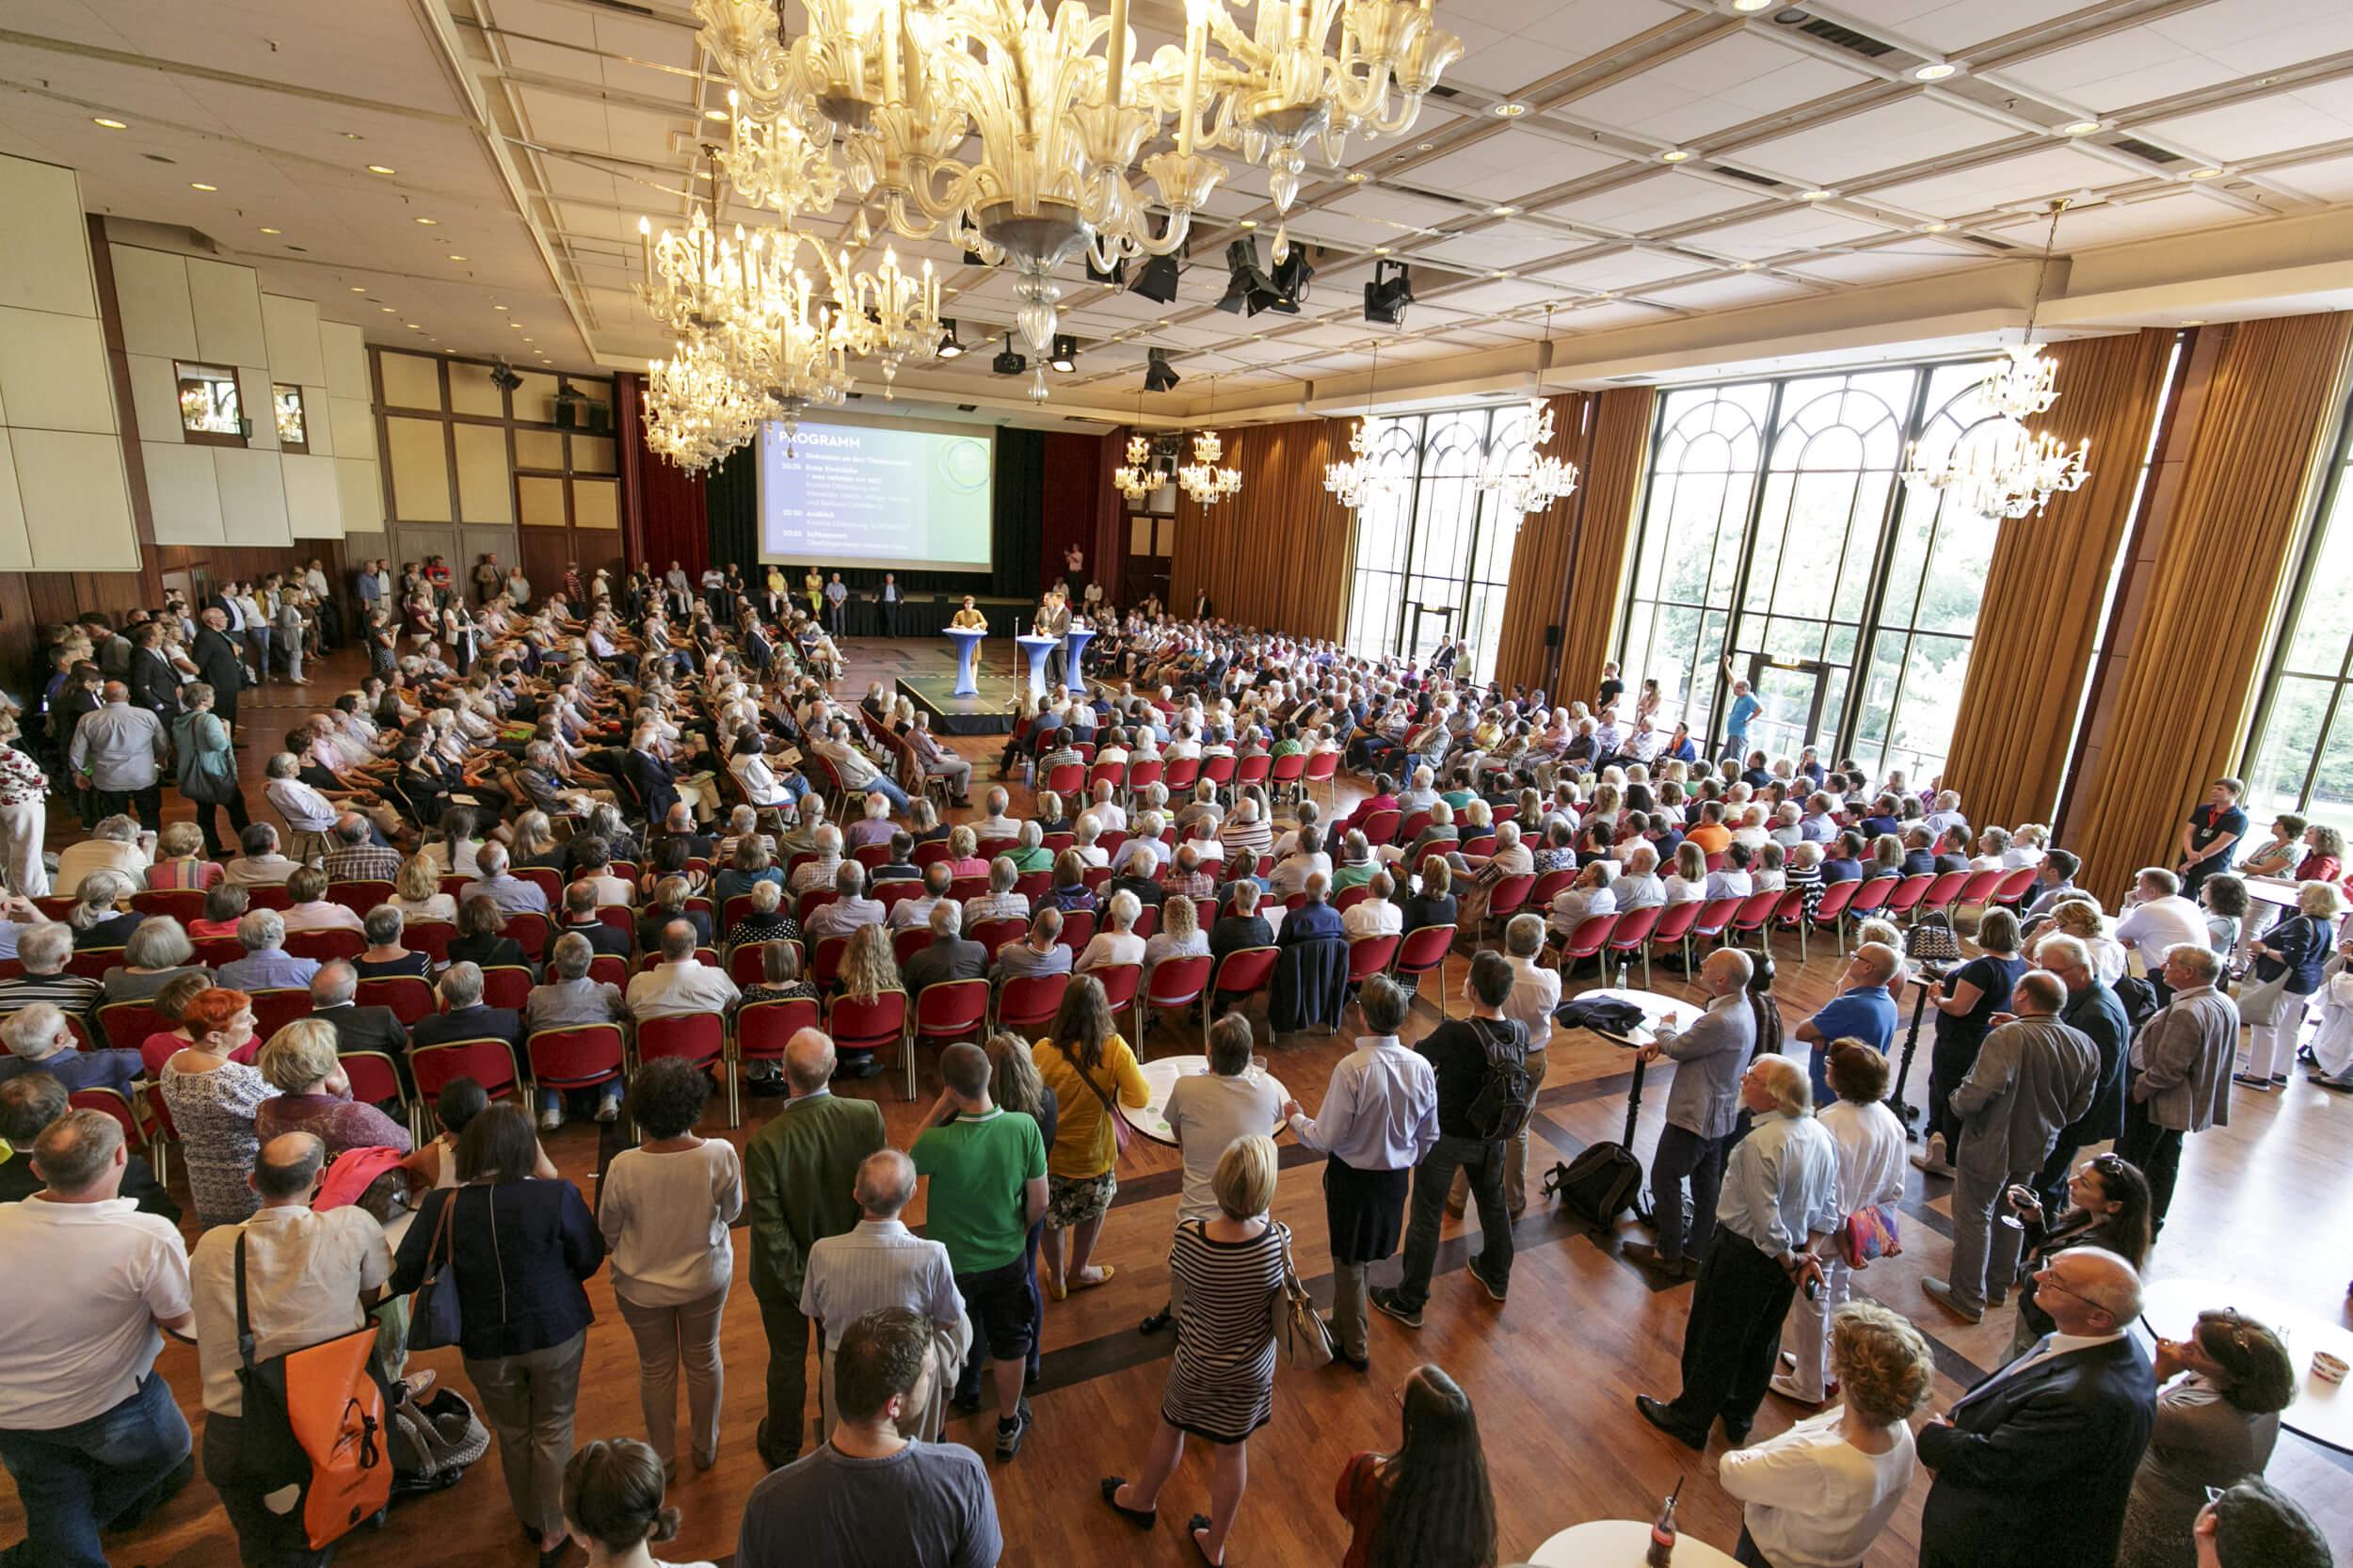 Fokus Zukunft: Bad Homburg 2030 - über 650 Teilnehmer und Teilnehmerinnen!